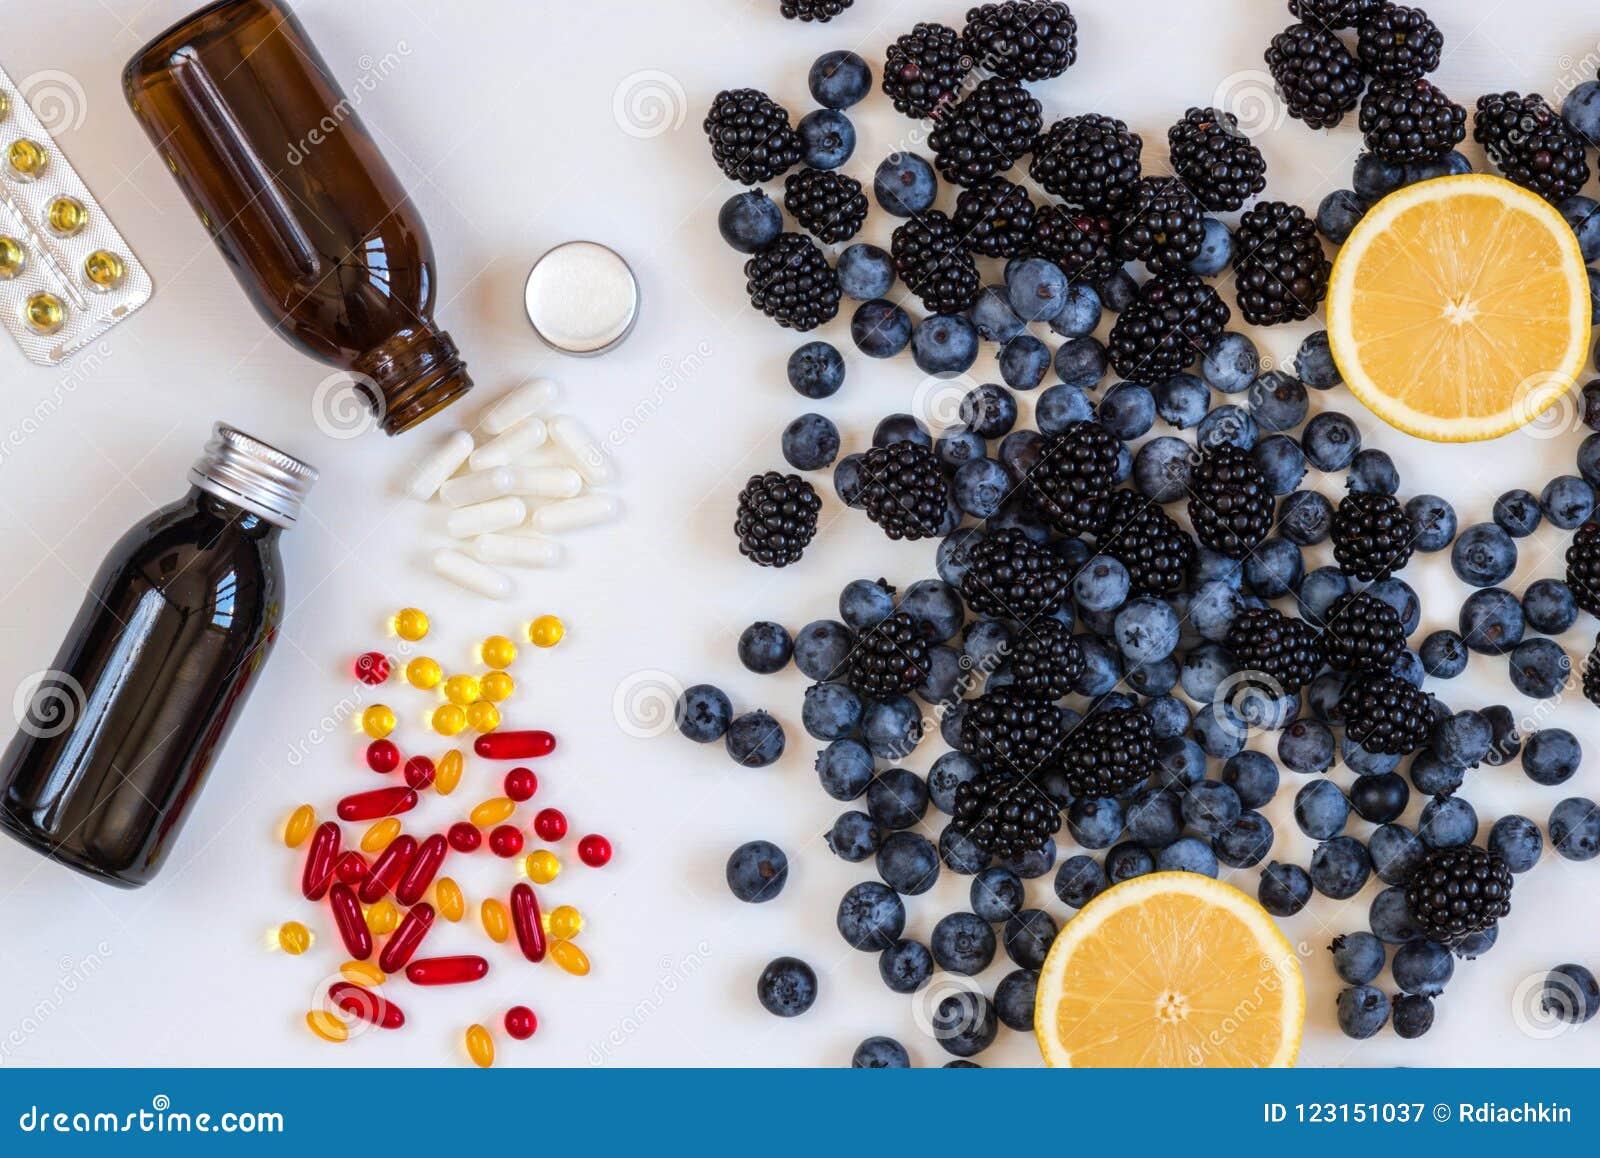 que vitaminas tiene los arandanos